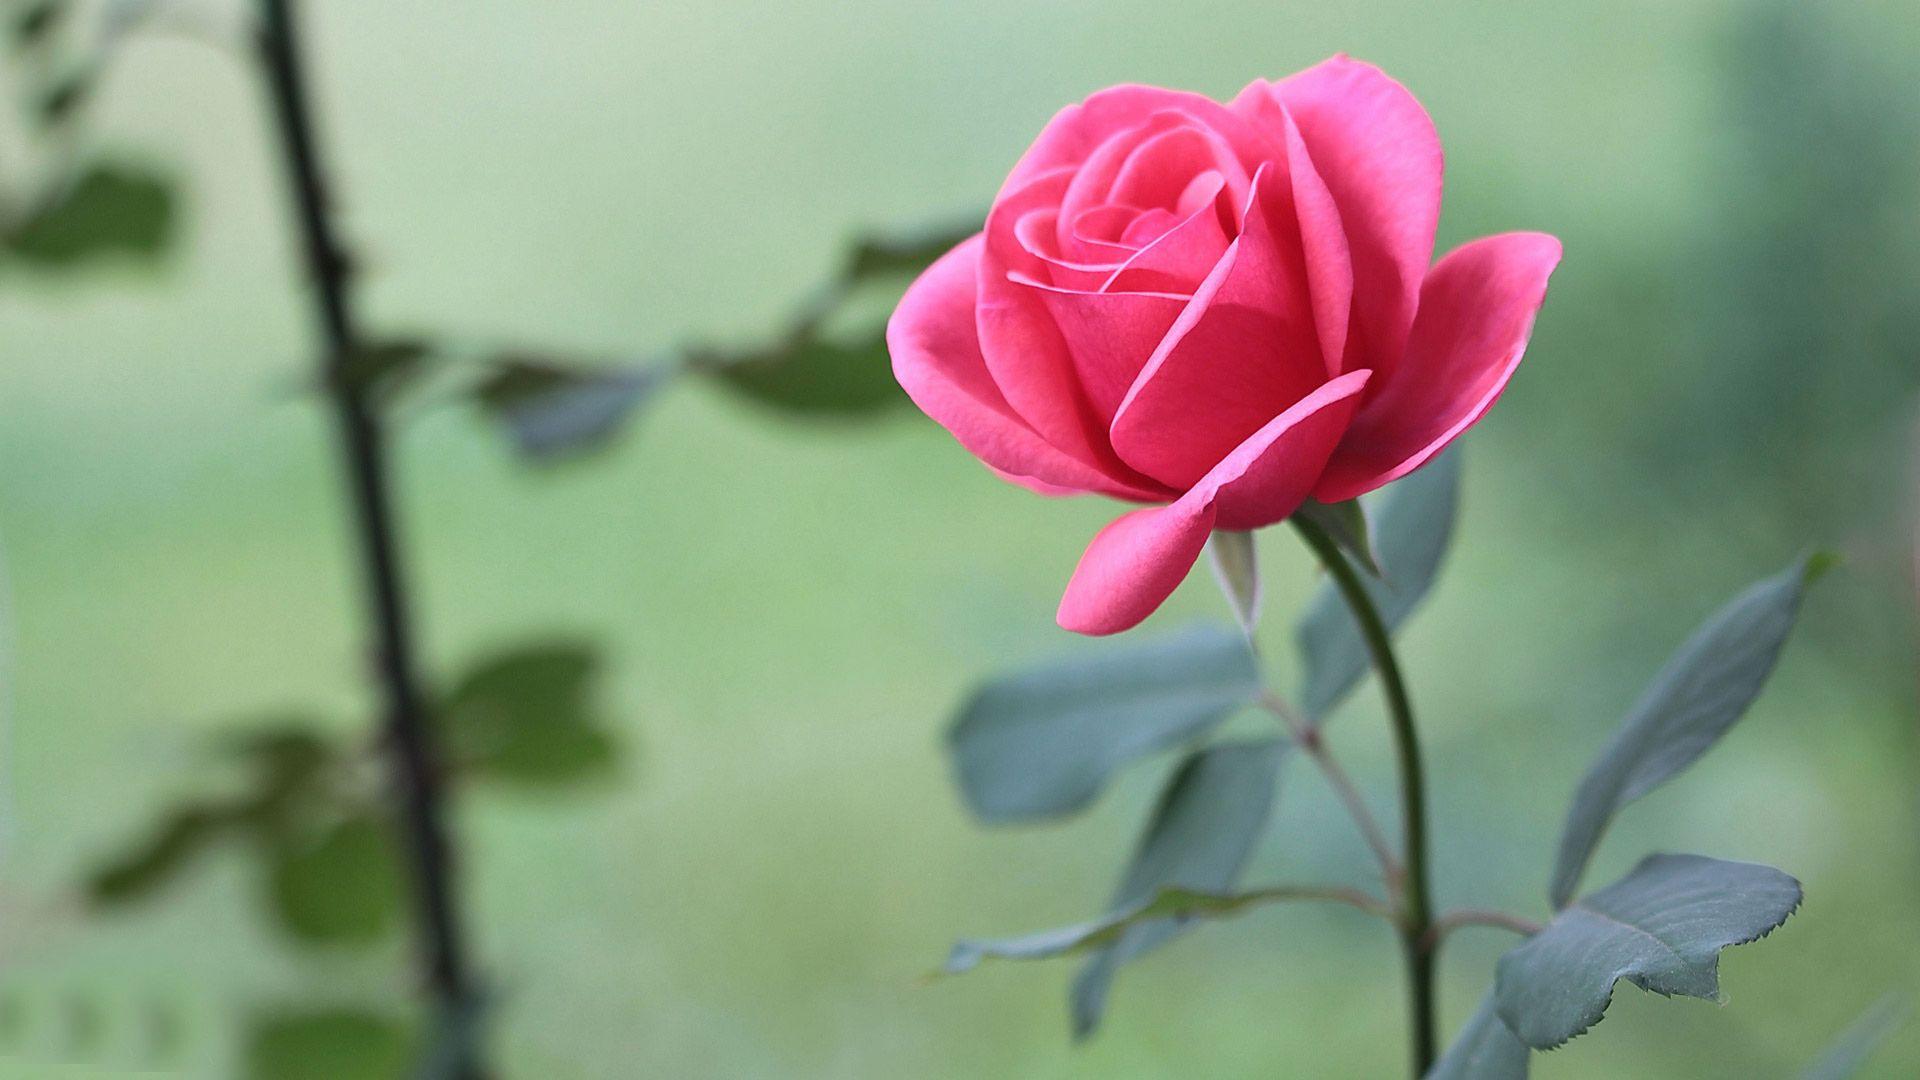 Beautiful Rose Full HD Wallpaper